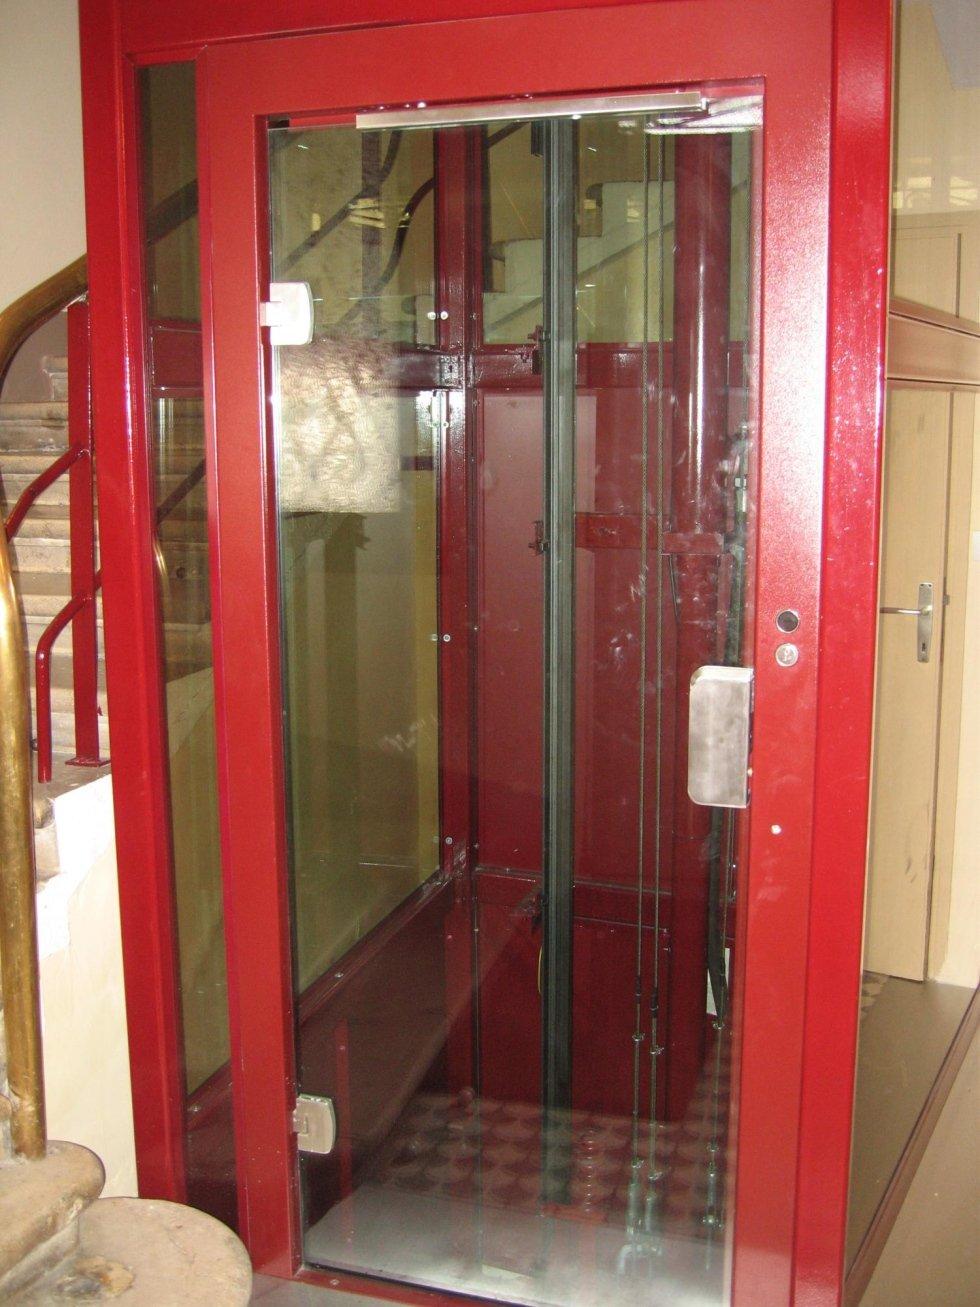 ascensore panoramico rosso